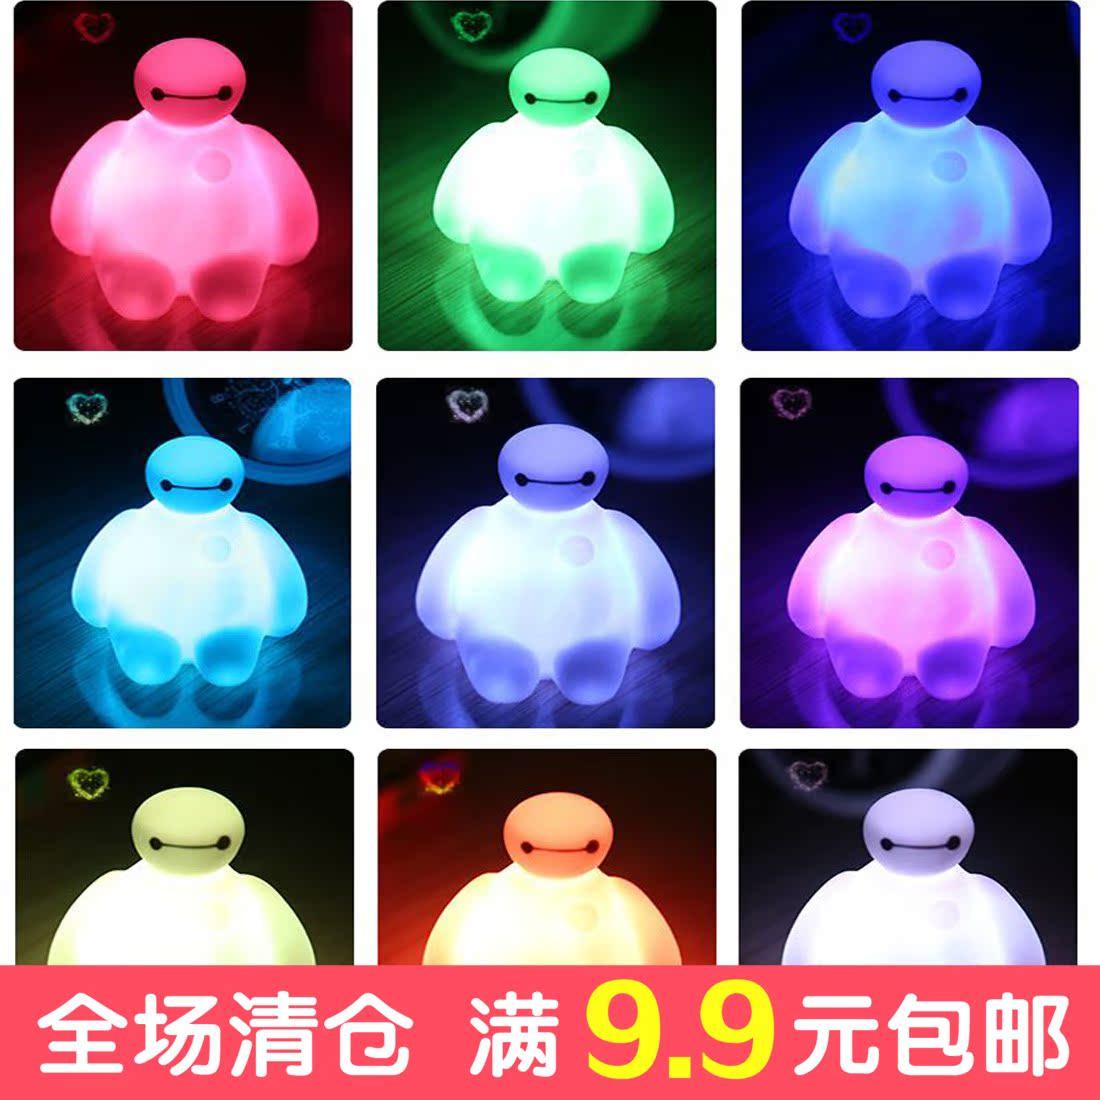 超能陆战队大白公仔小夜灯 创意LED宝宝卧室发光灯床头壁变色台灯